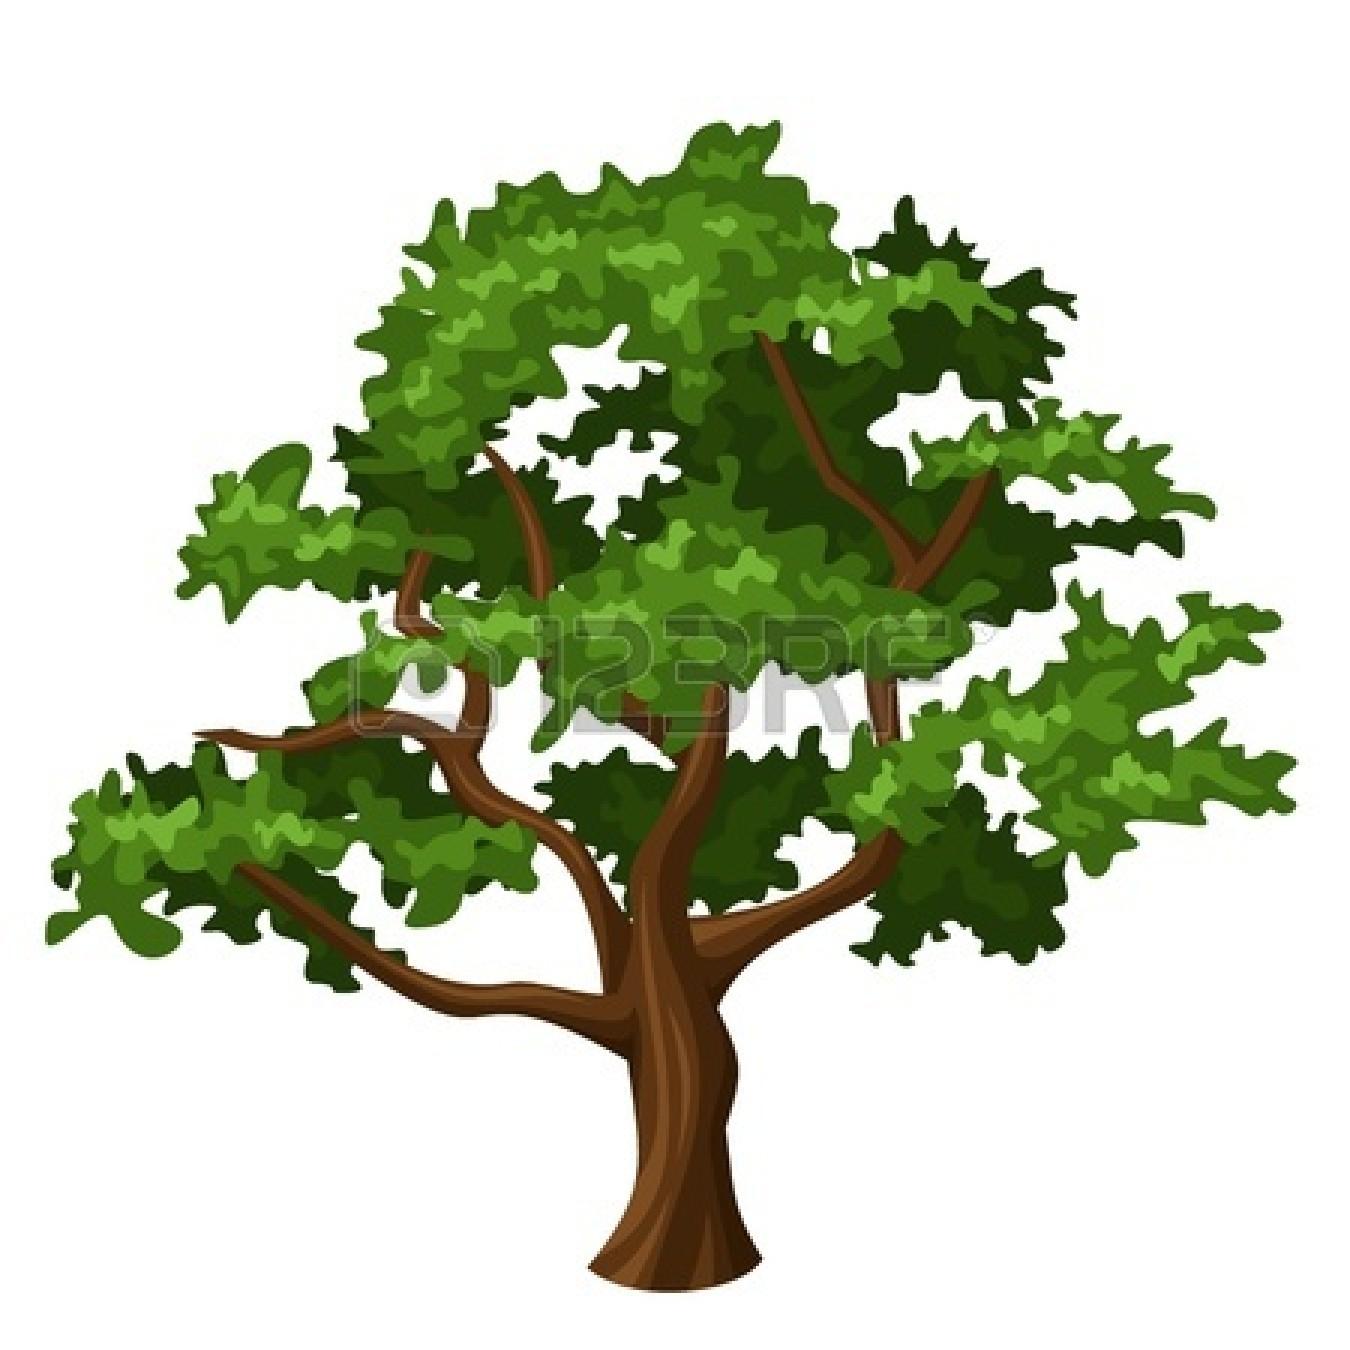 Oak Tree clipart #13, Download drawings